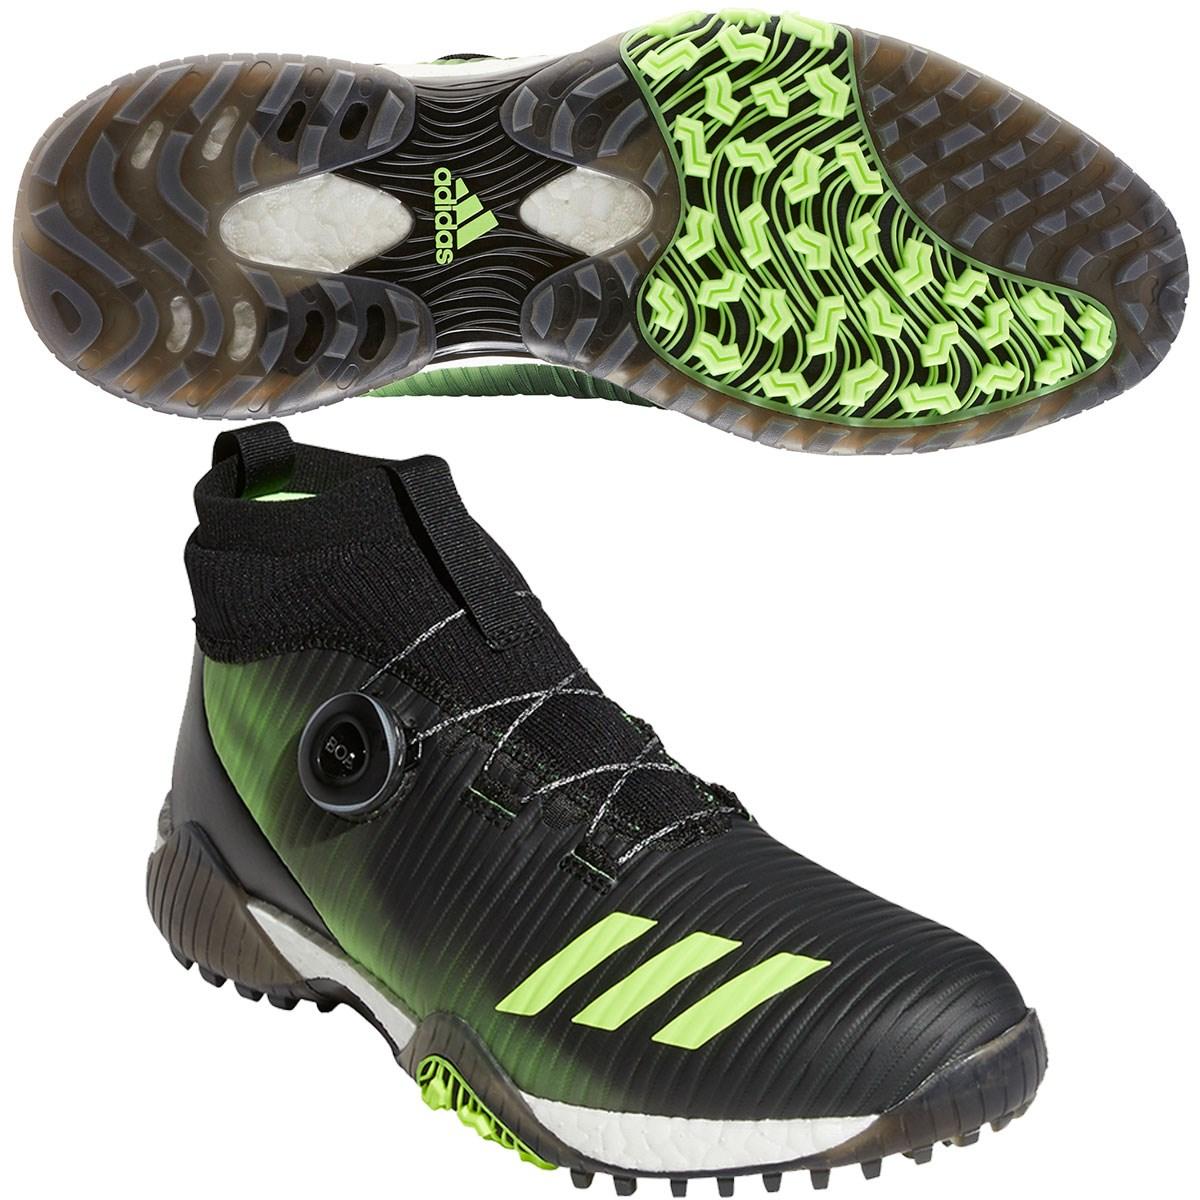 アディダス(adidas) コードカオスボアミッドシューズレディス